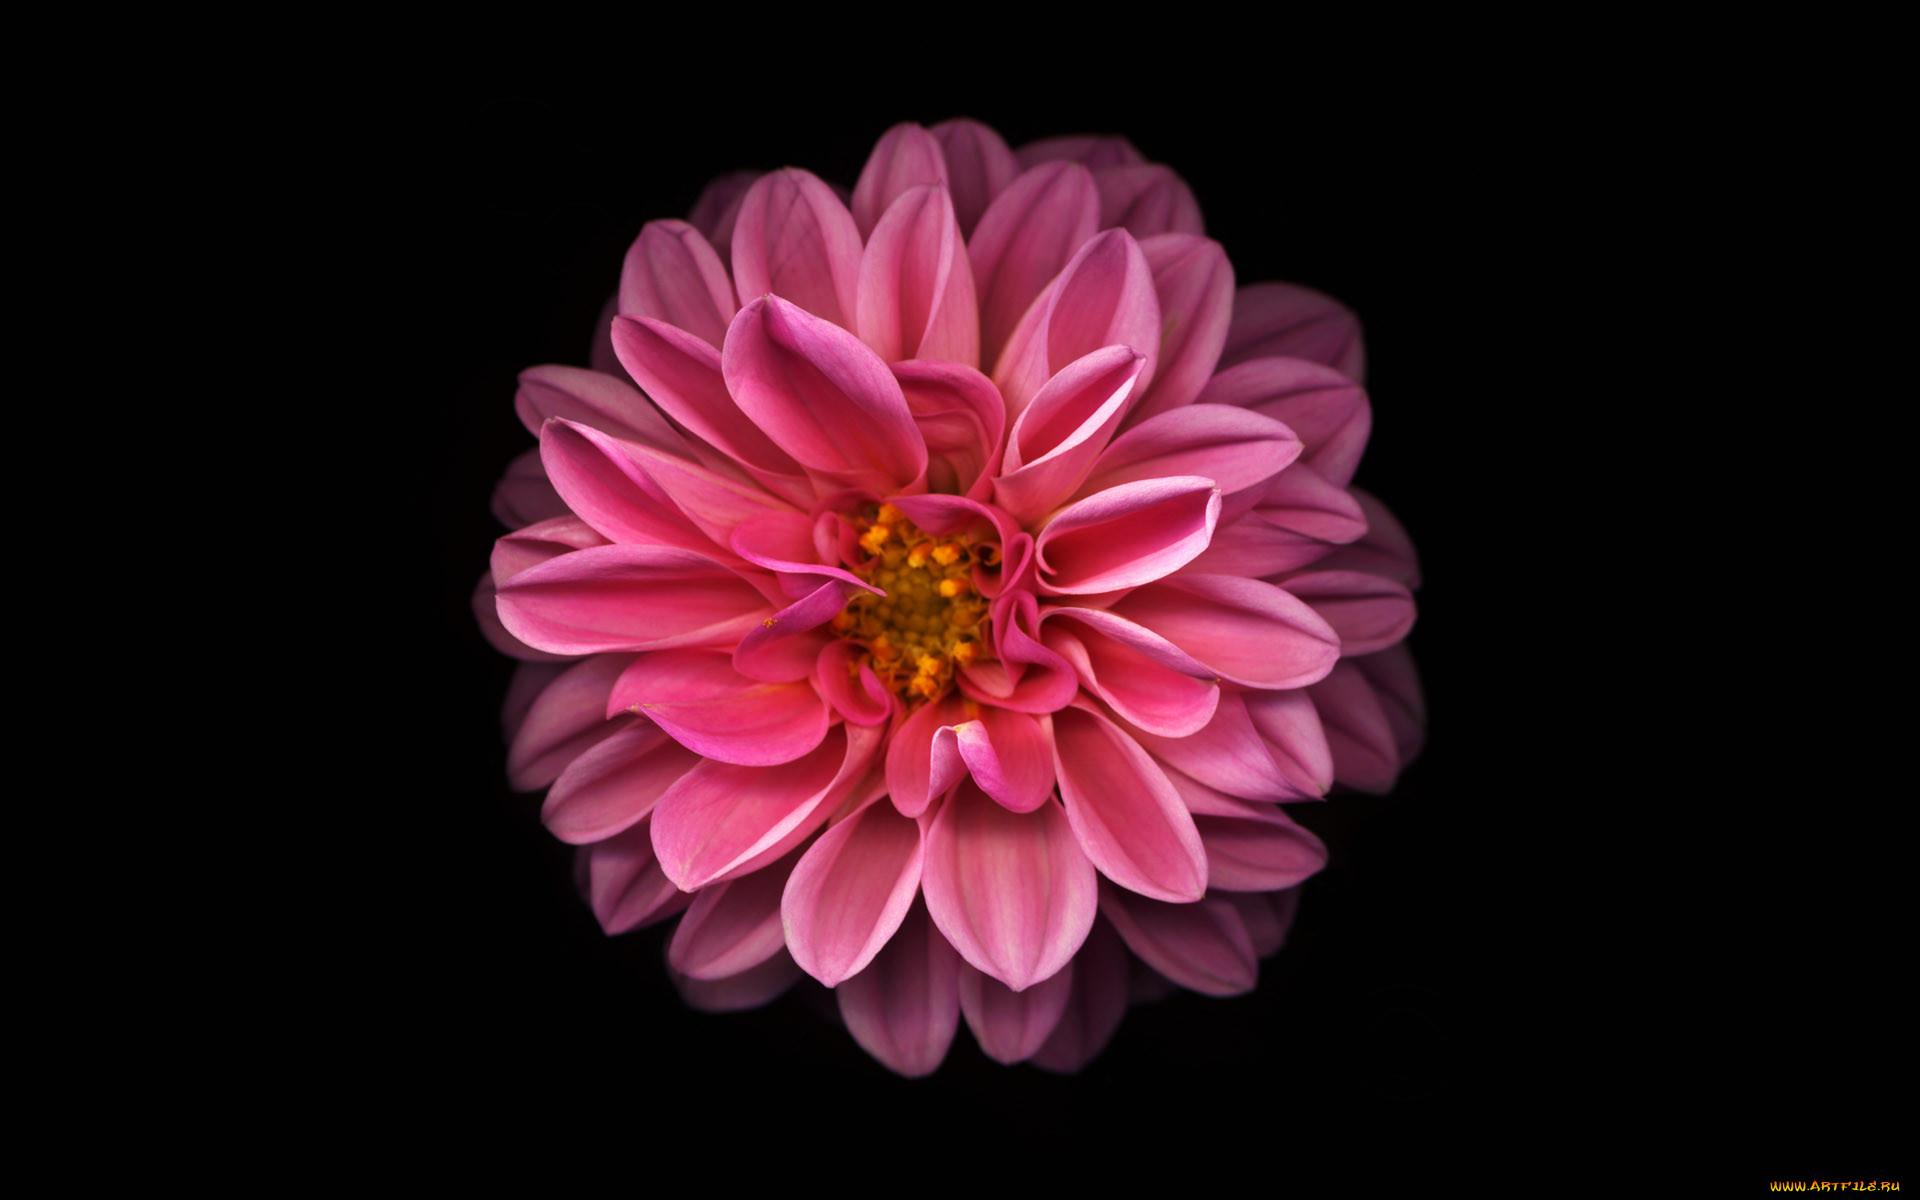 картинки цветка как на айфоне есть возможность